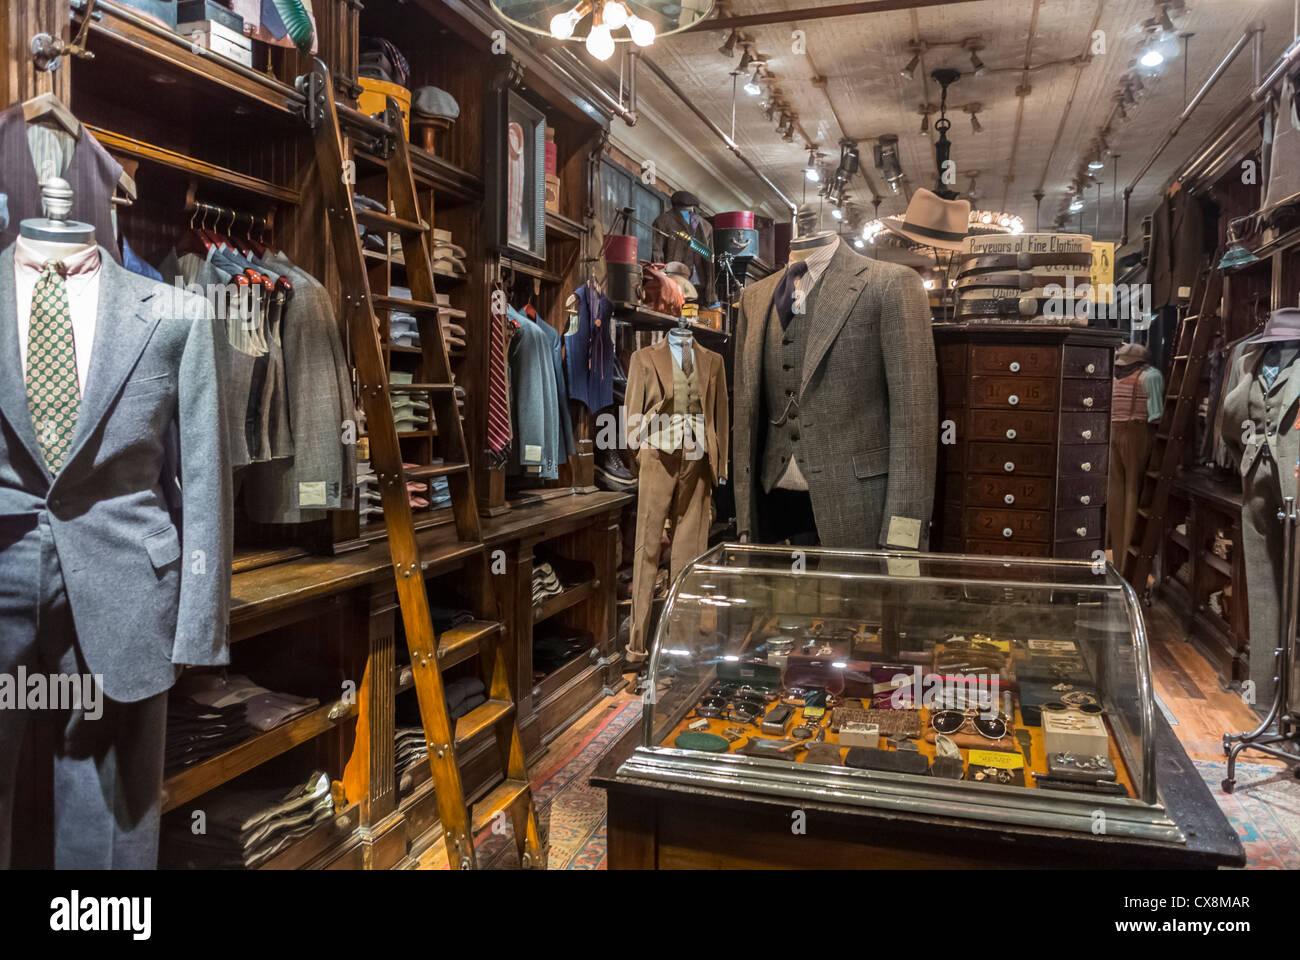 5cffb0629ec Boutique Ralph Lauren Stock Photos   Boutique Ralph Lauren Stock ...